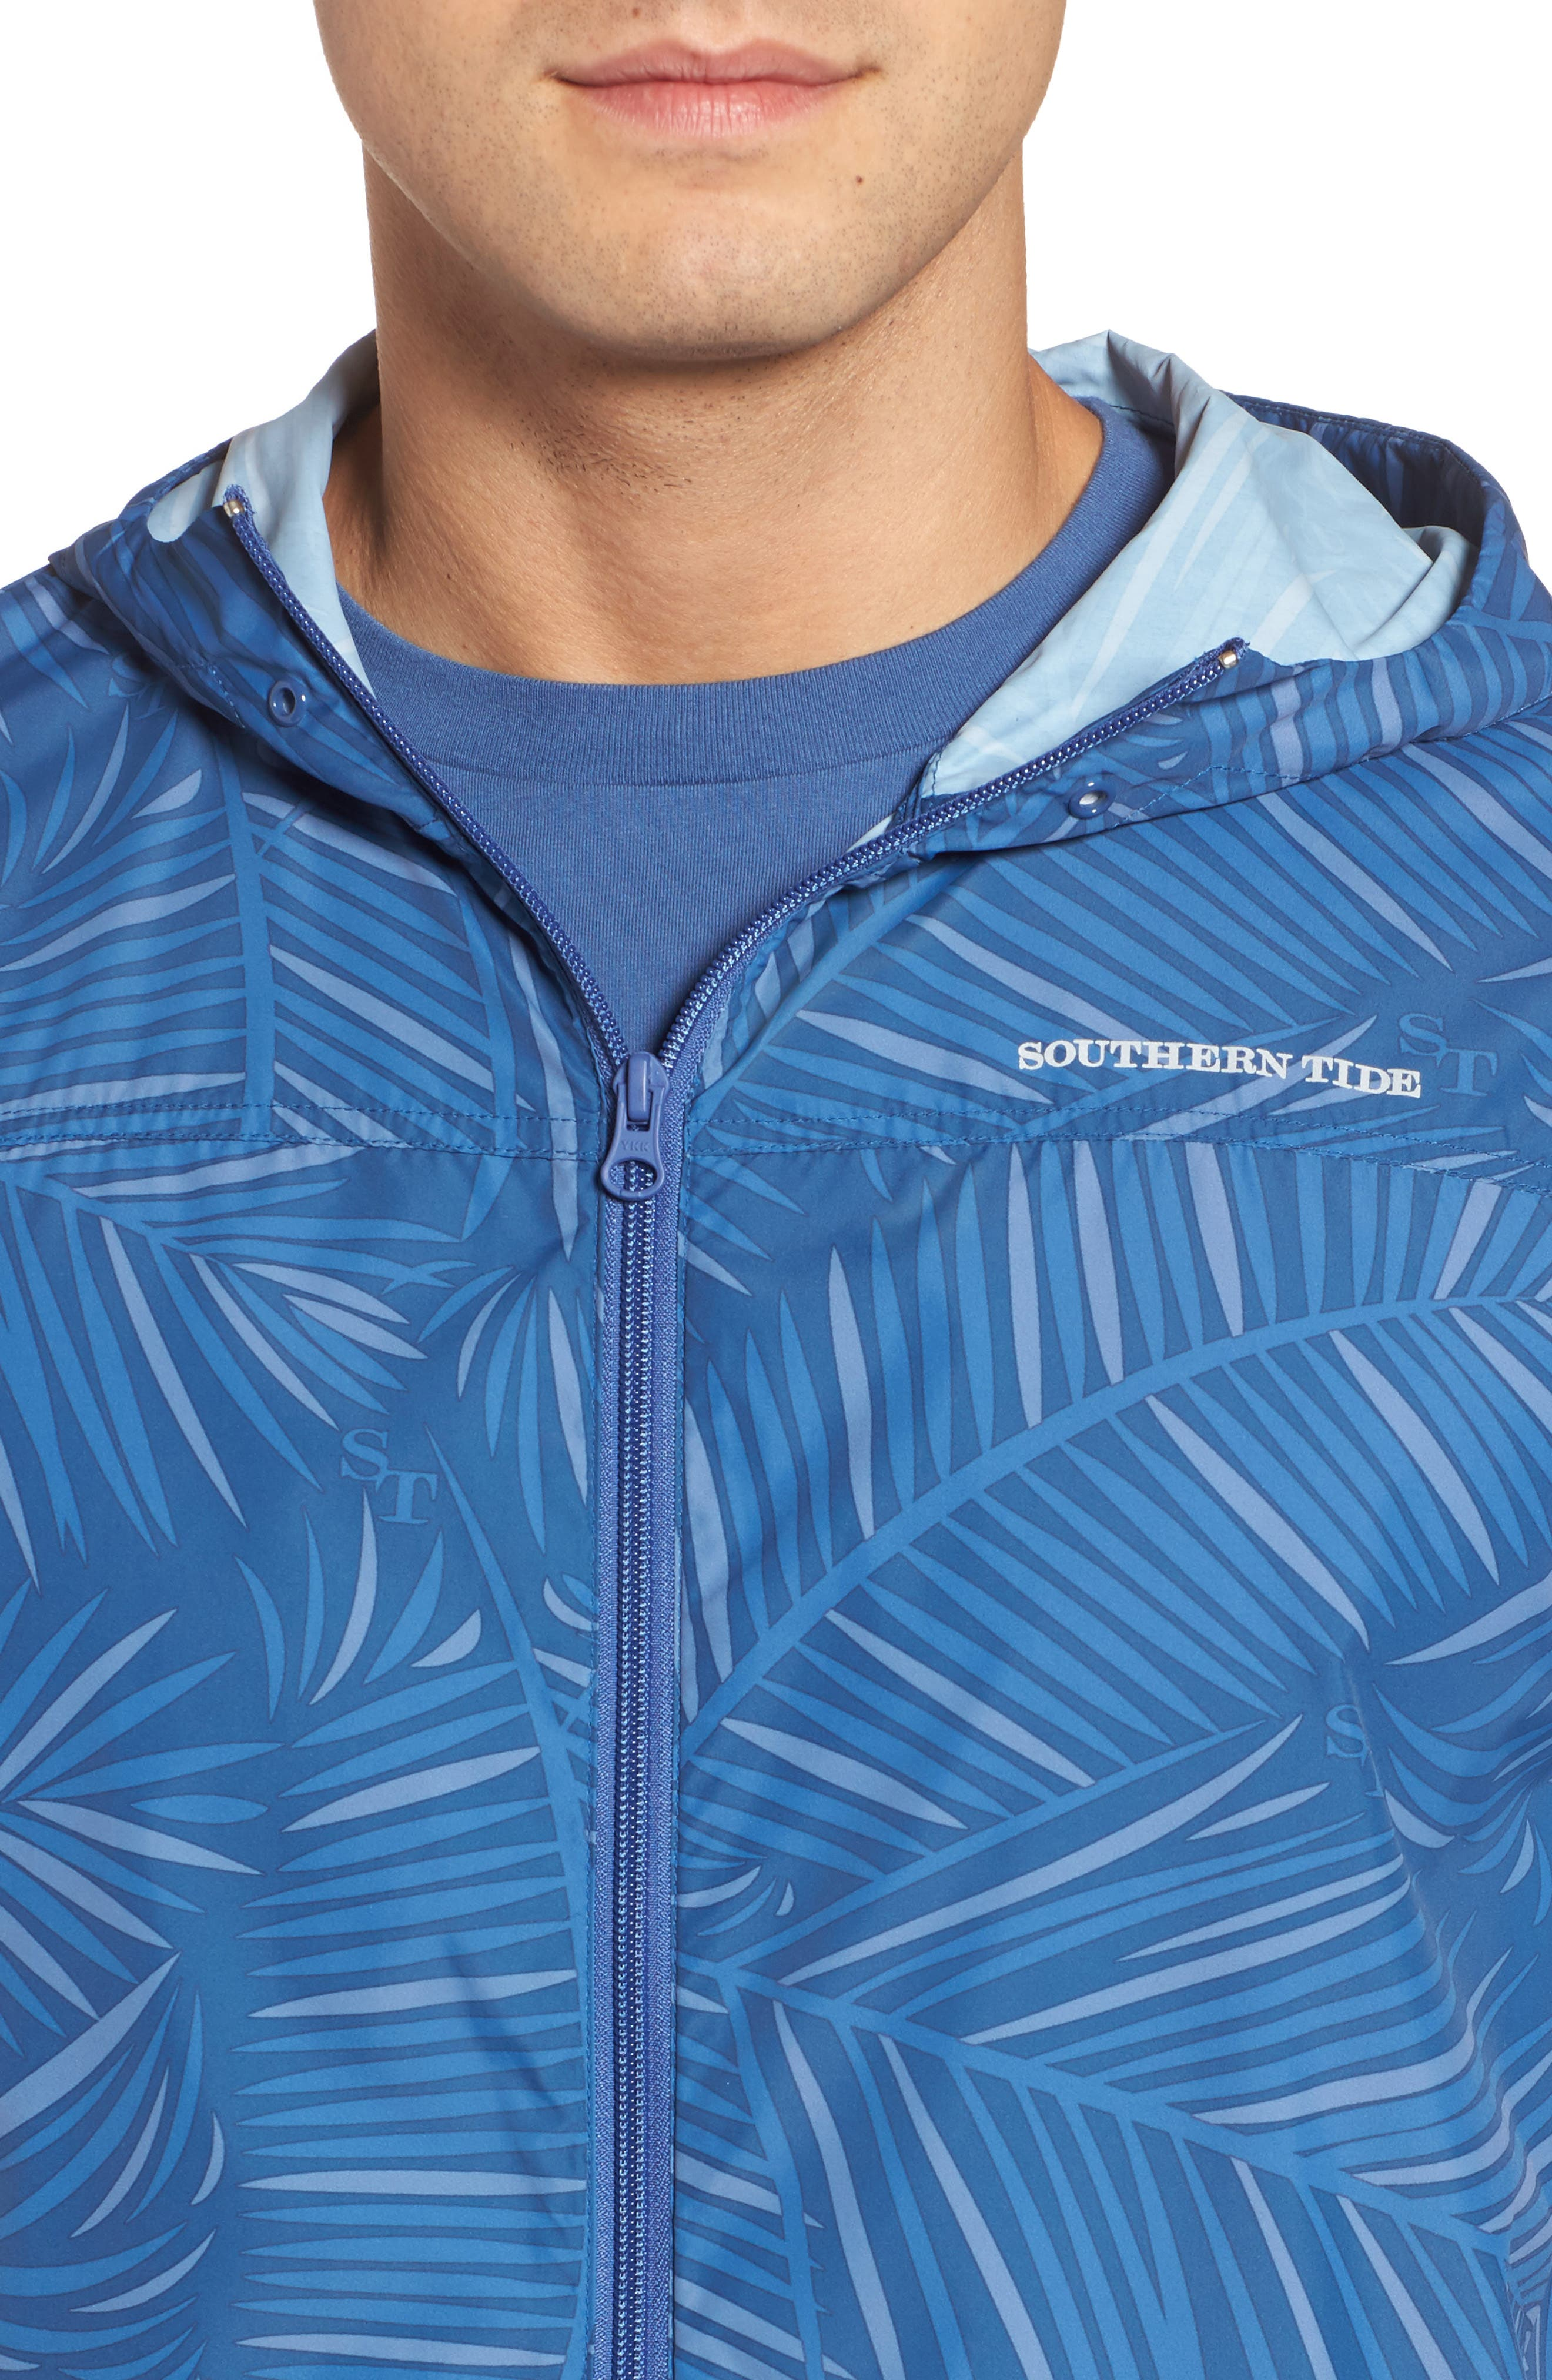 Pelican Peak Full Zip Hooded Jacket,                             Alternate thumbnail 4, color,                             Seven Seas Blue